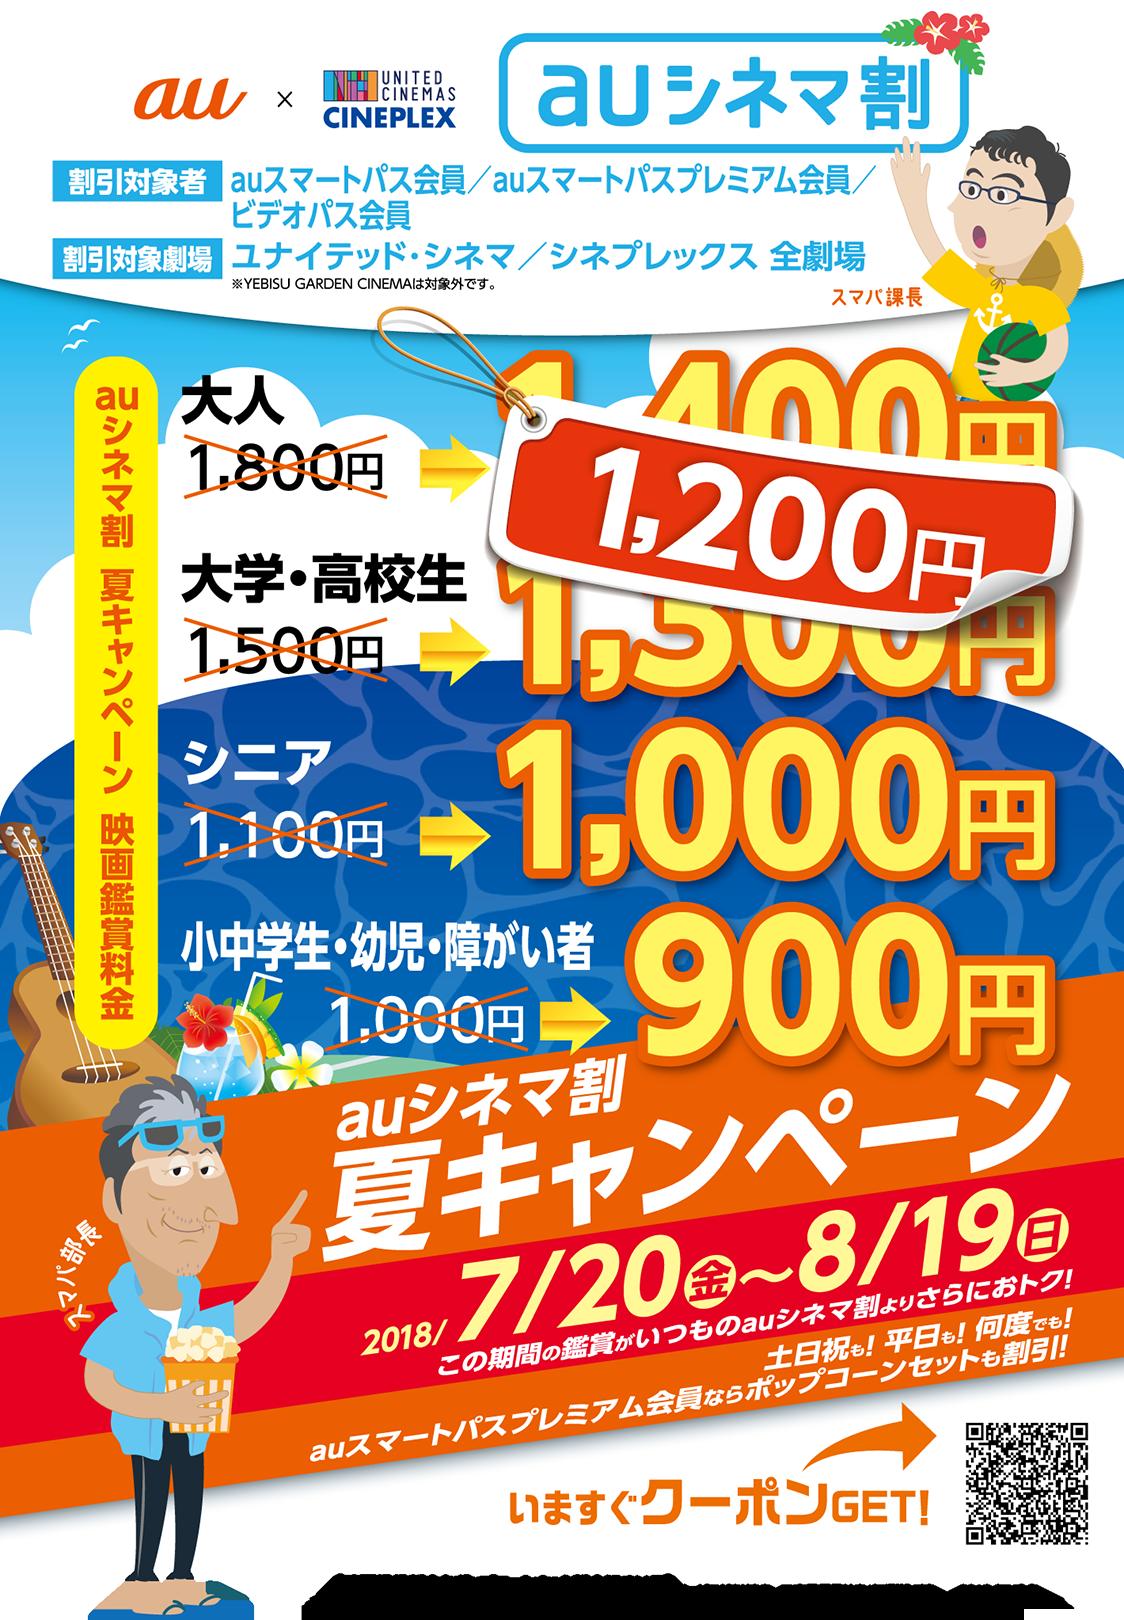 夏は映画がさらにおトク!!auシネマ割 2018/7/20(金)〜8/19(日)